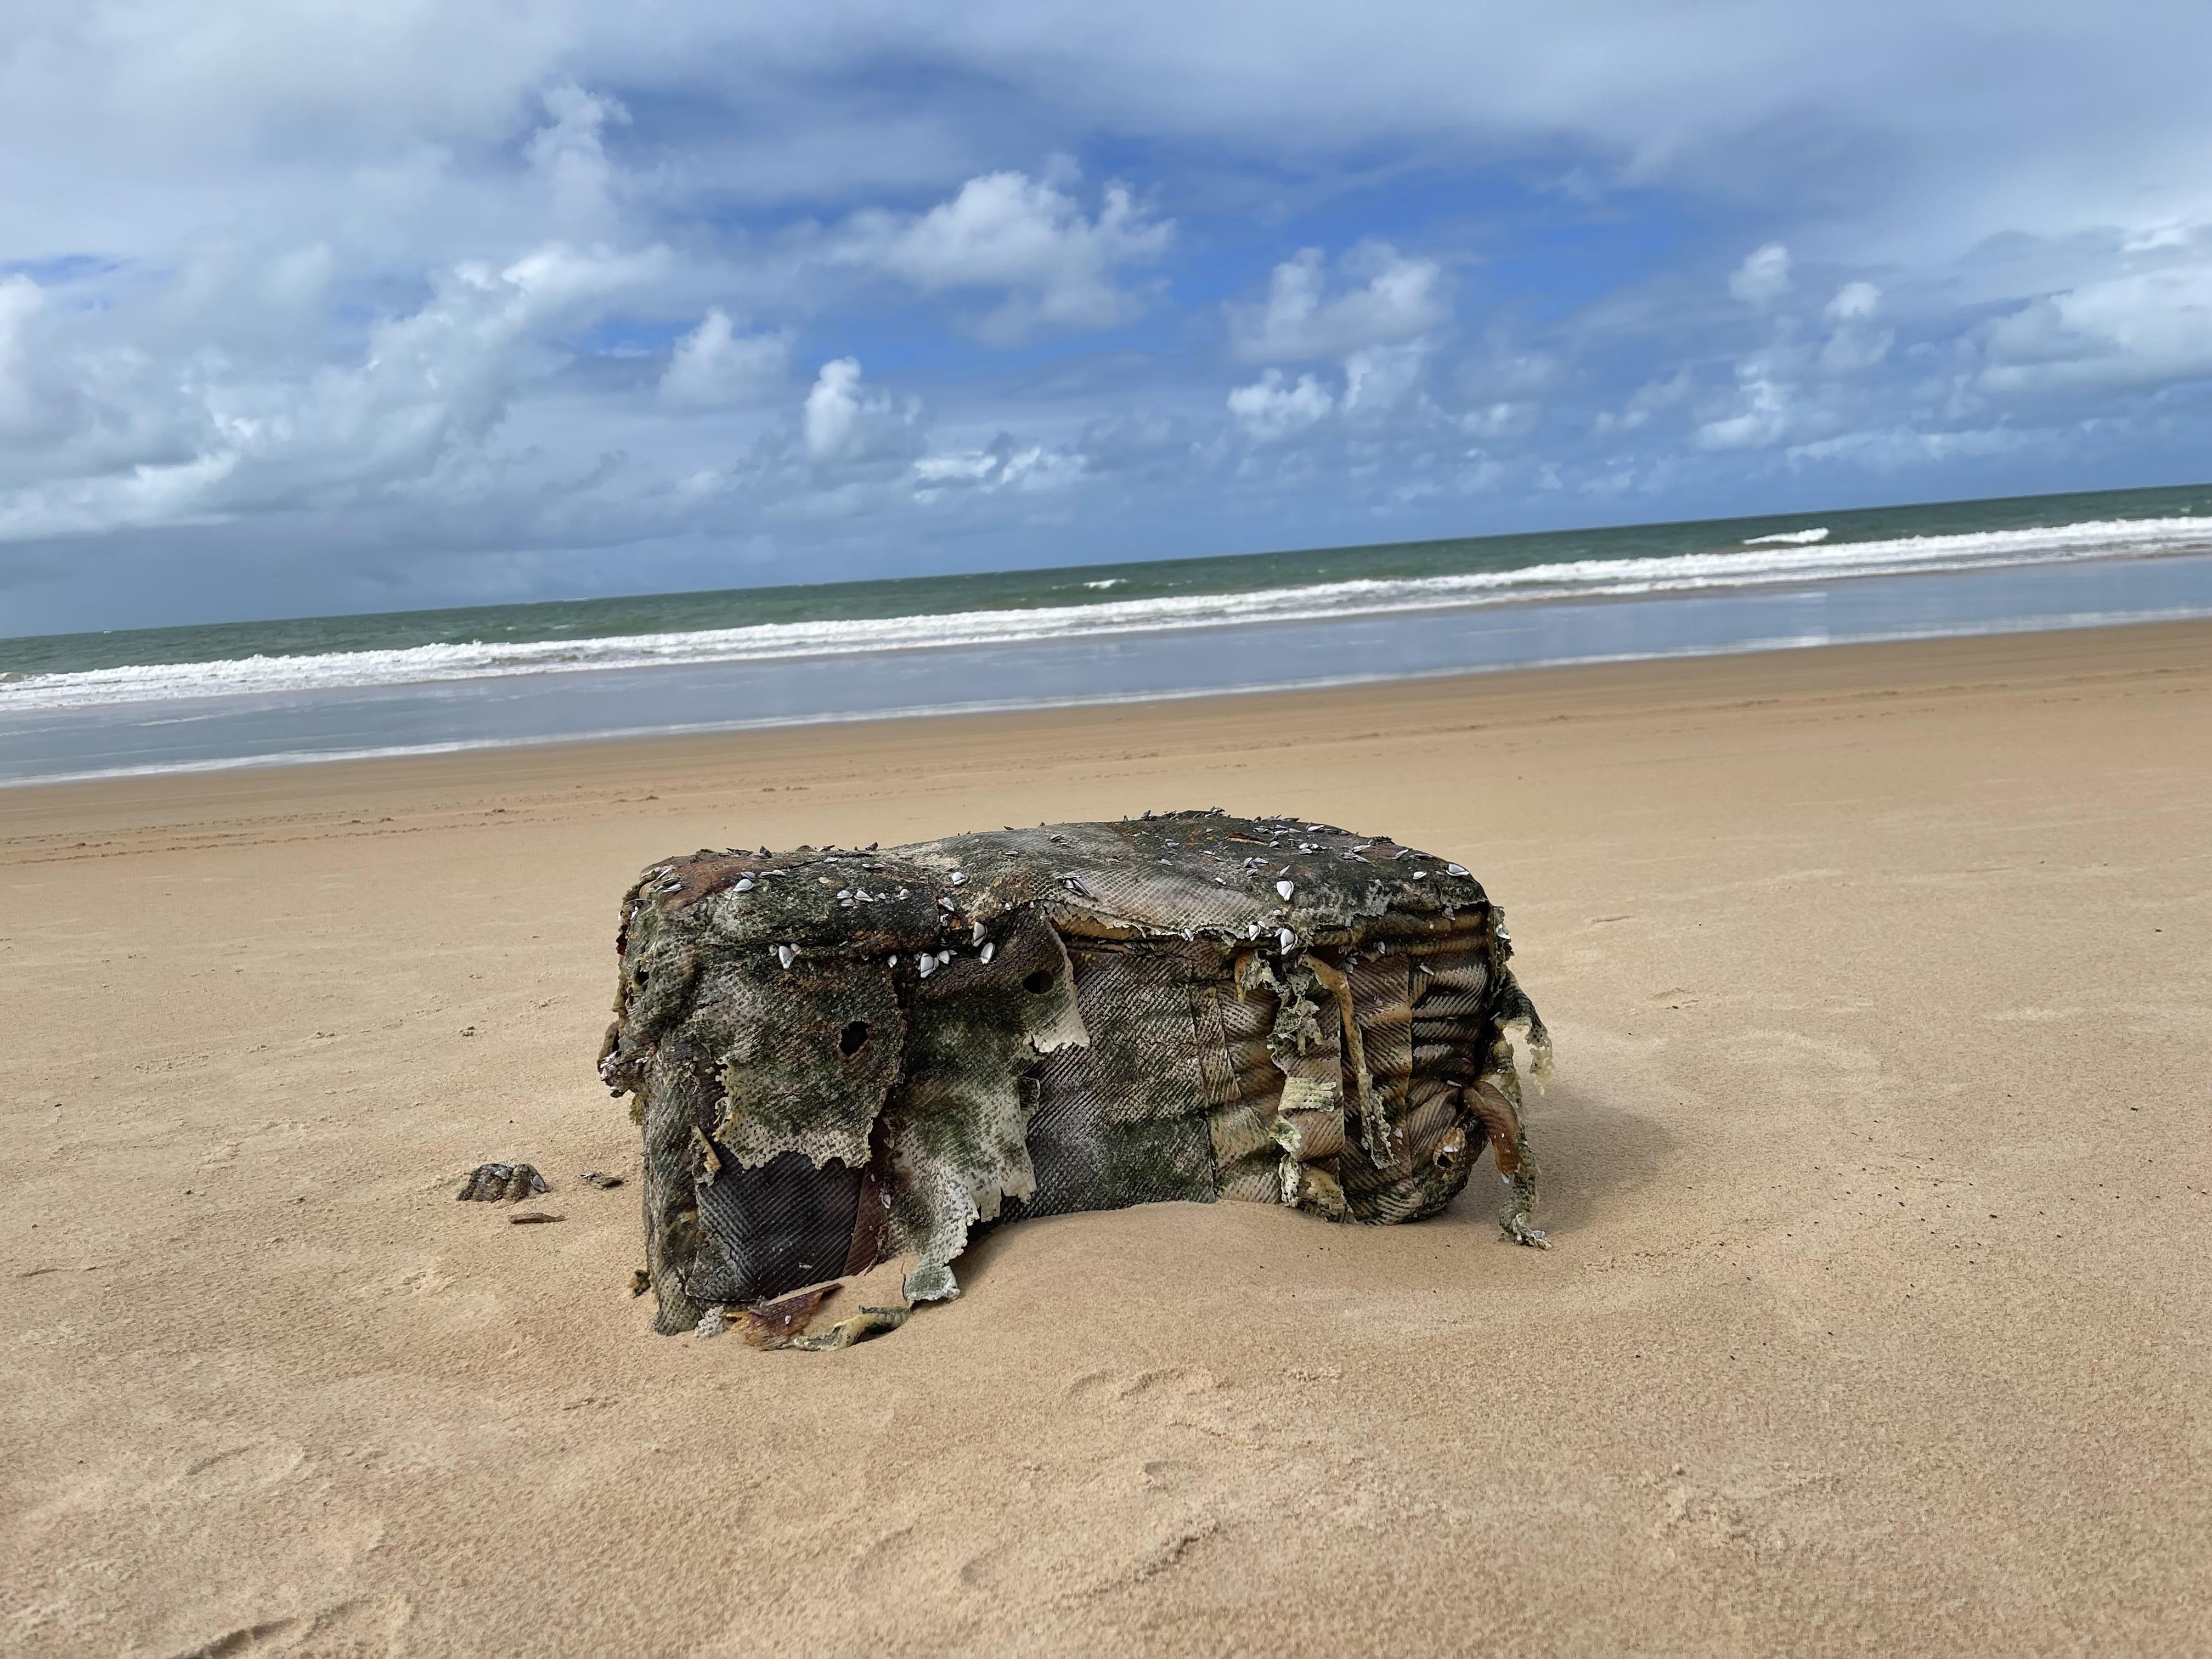 Mais fardos de borracha aparecem no litoral de Alagoas quase dois anos após primeiros registros